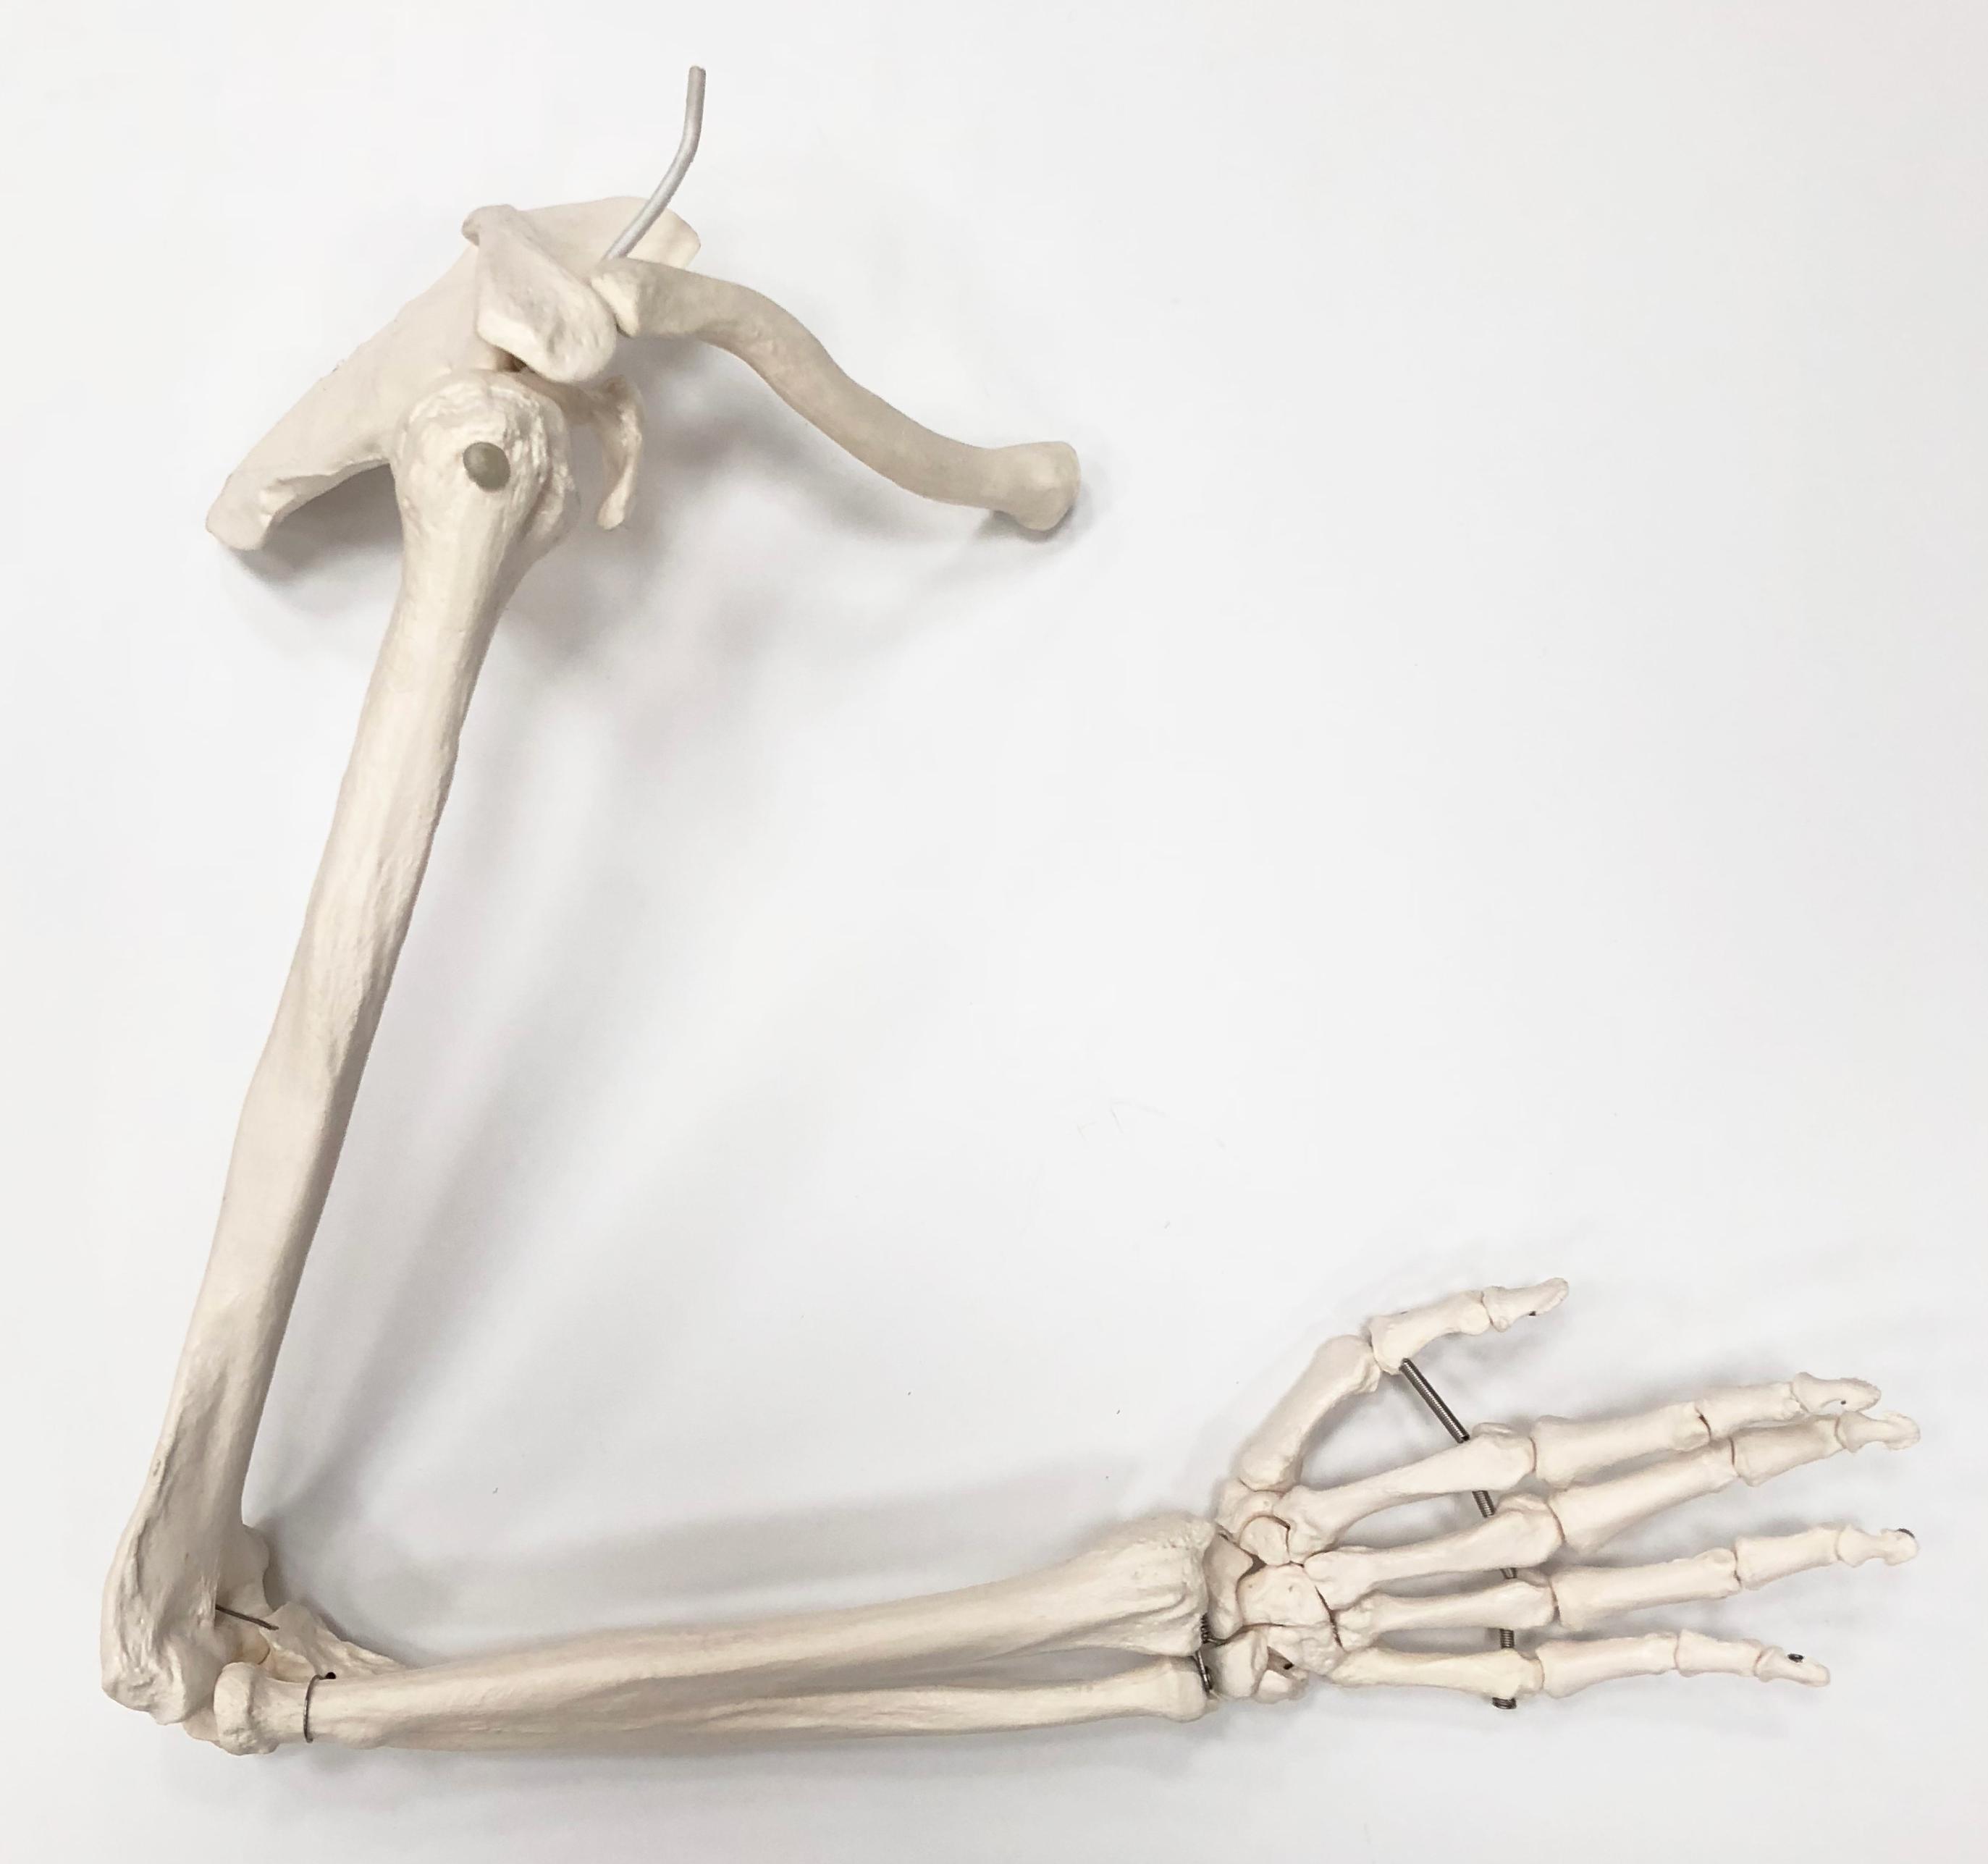 Armskelet med bevægelige led